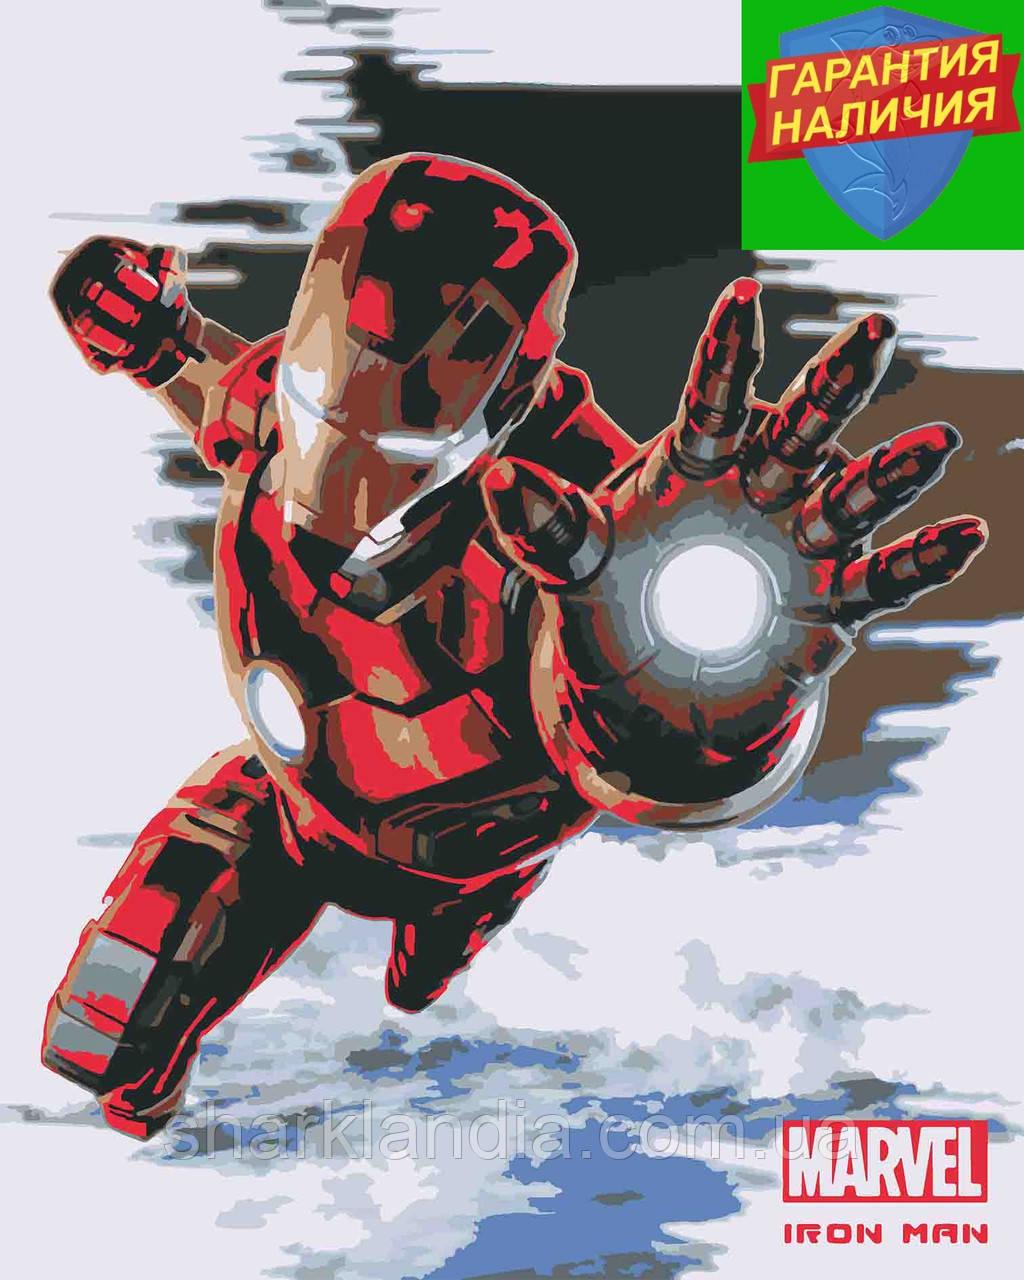 Картина за номерами Залізна людина Тоні Старк +ЛАК 40*50см Барви Iron Man Марвел Tony Stark Герої